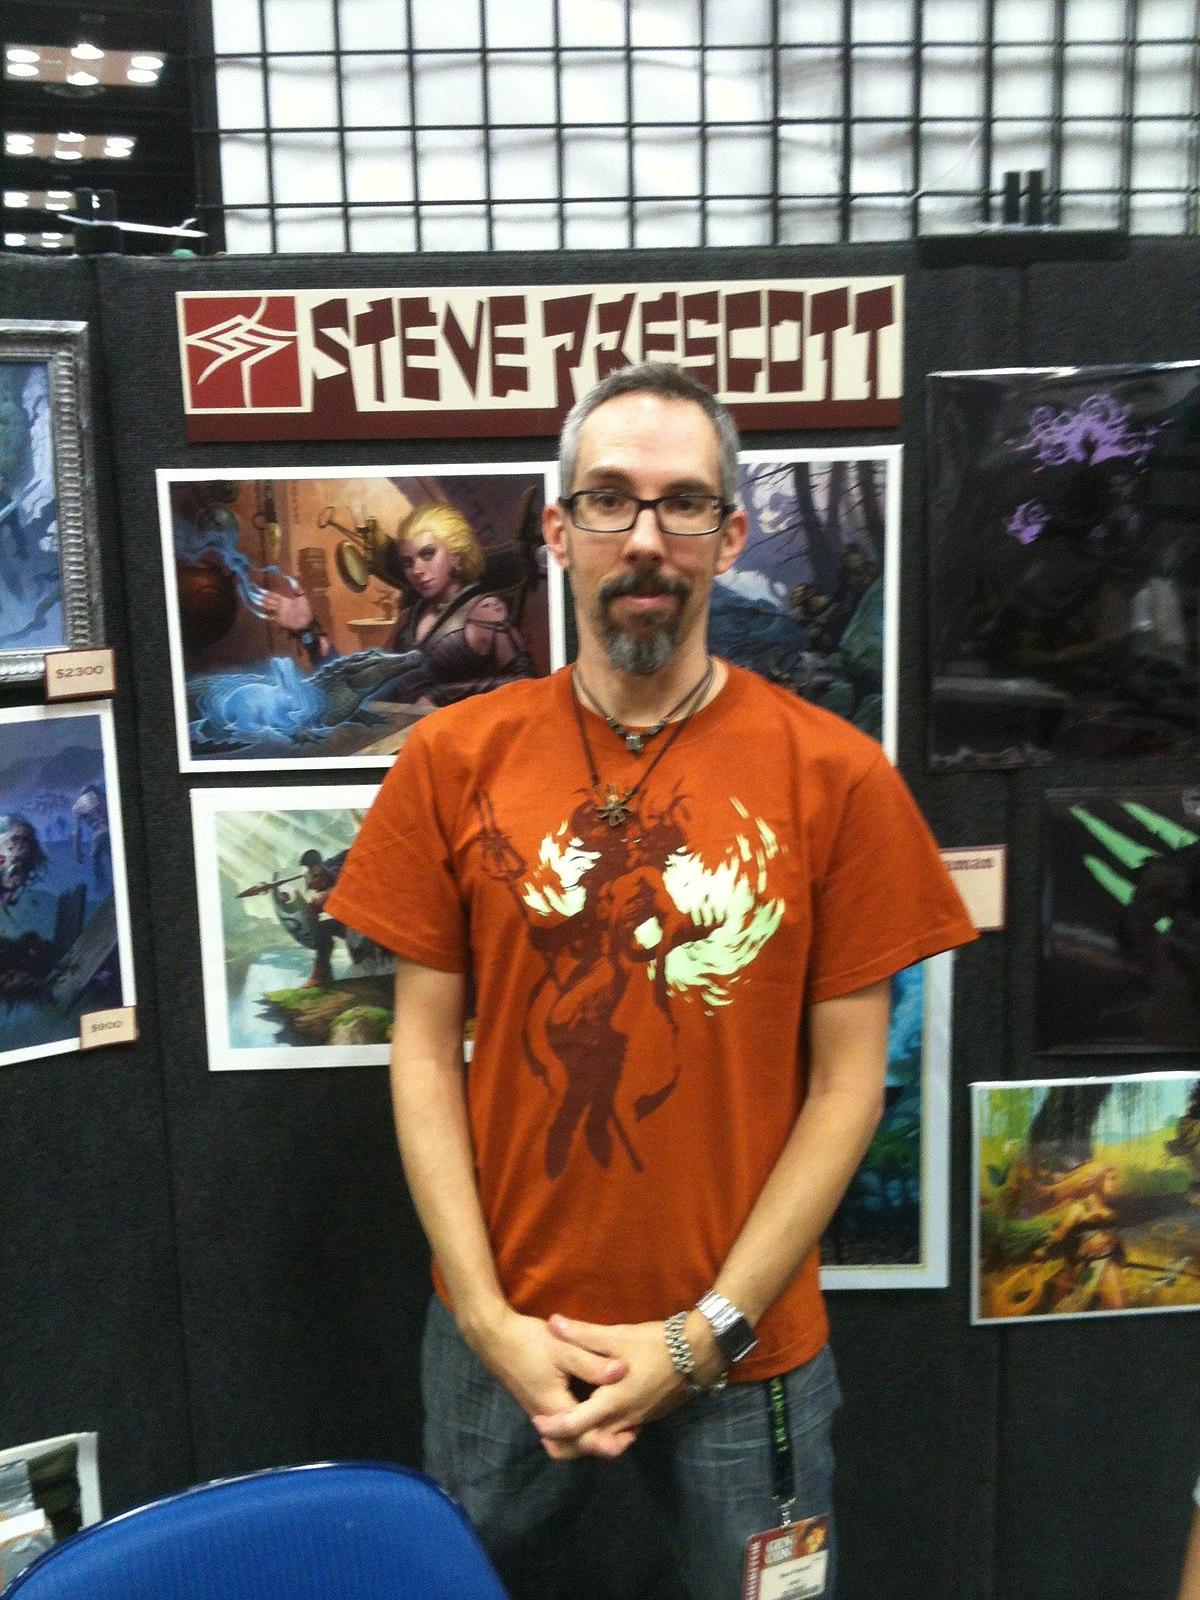 Steve Prescott (artist) - Wikipedia